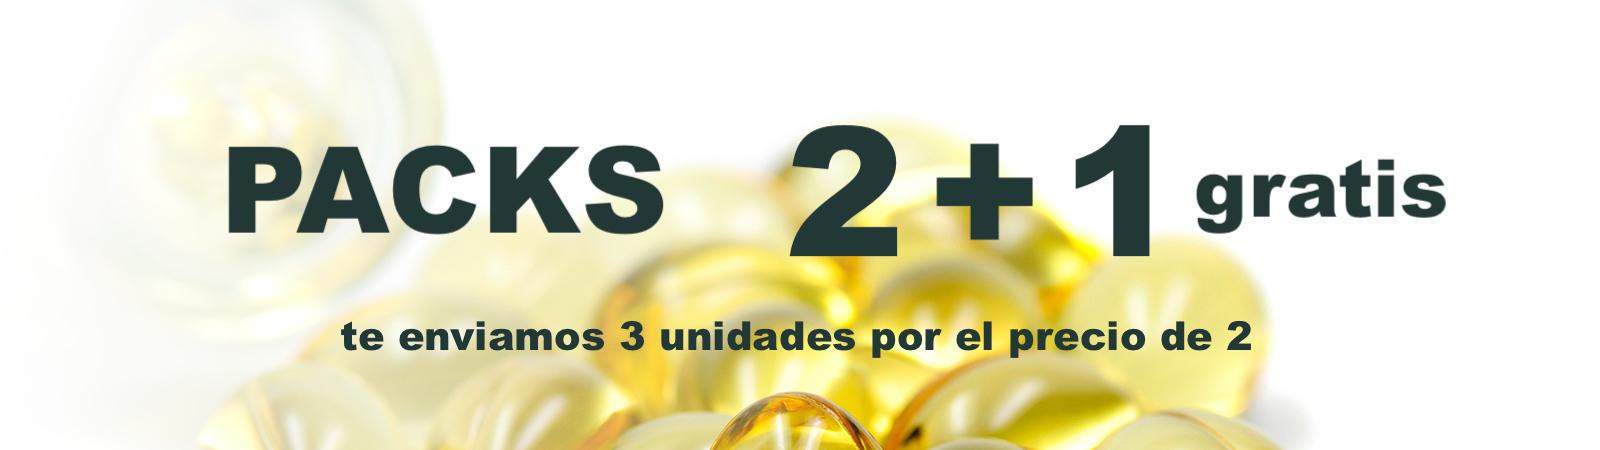 Packs 2 +1 Complementos y Suplementos Naturales | Ofertas Suplementos Alimenticios y Plantas Medicinales